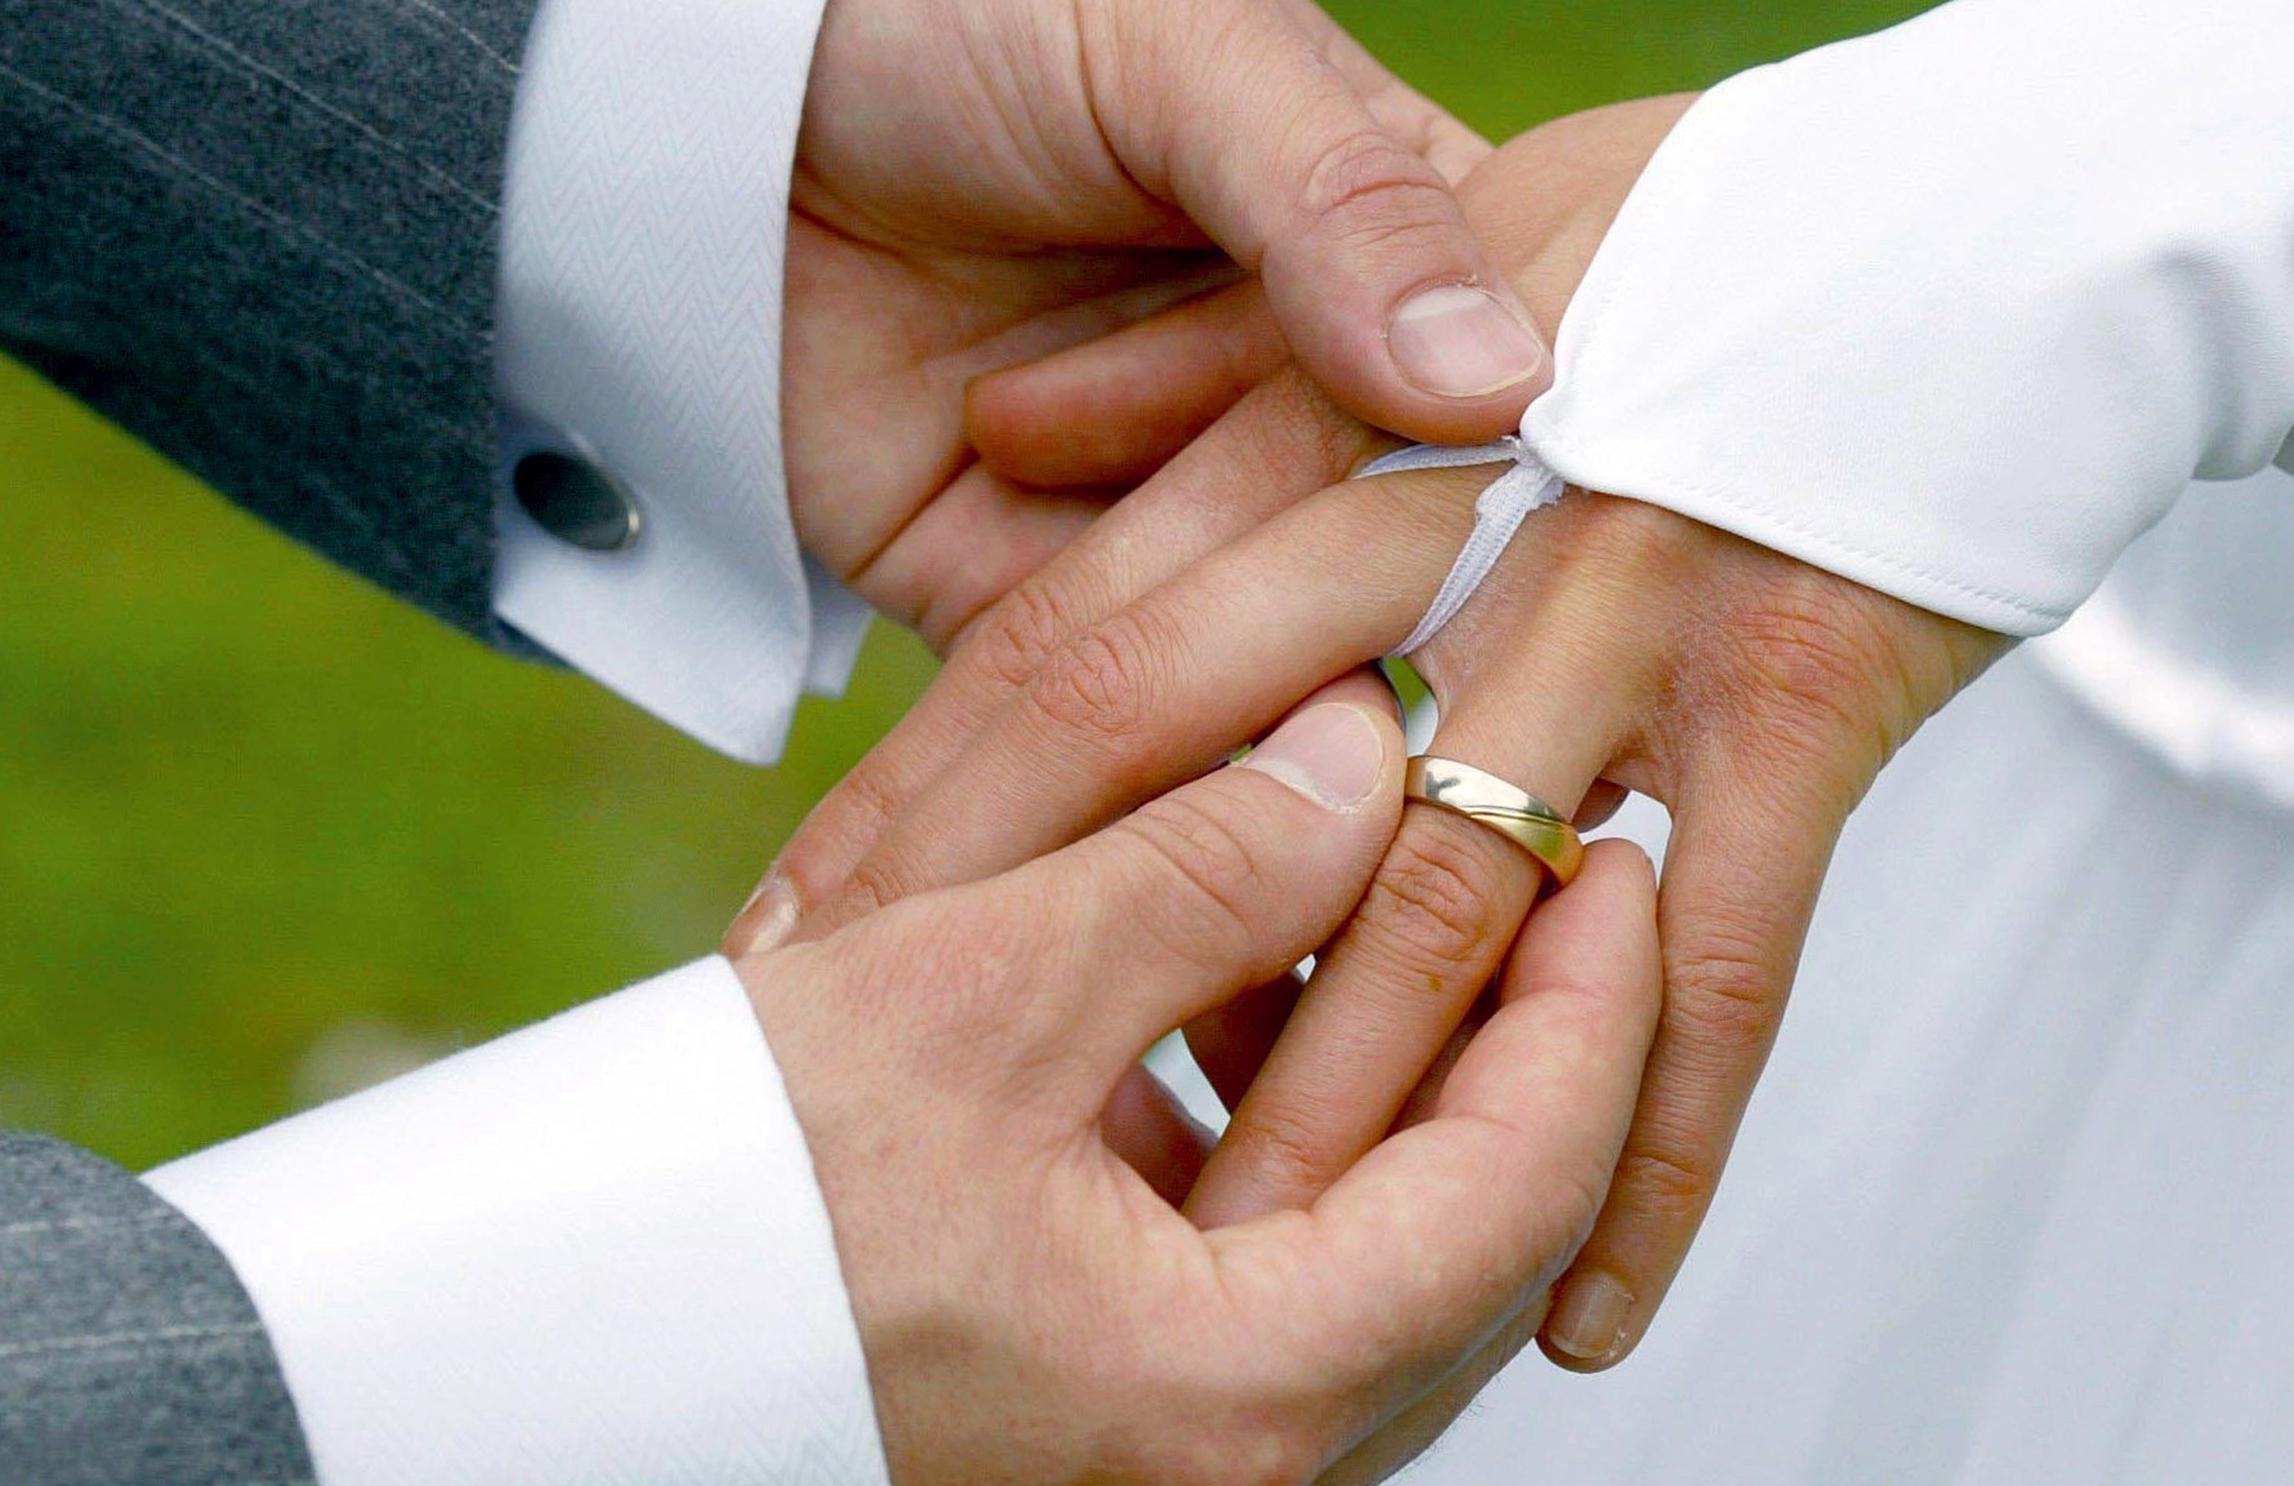 Wer geheiratet hat, sollte sich darüberGedanken machen, inwiefern ein Testament Sinn macht.